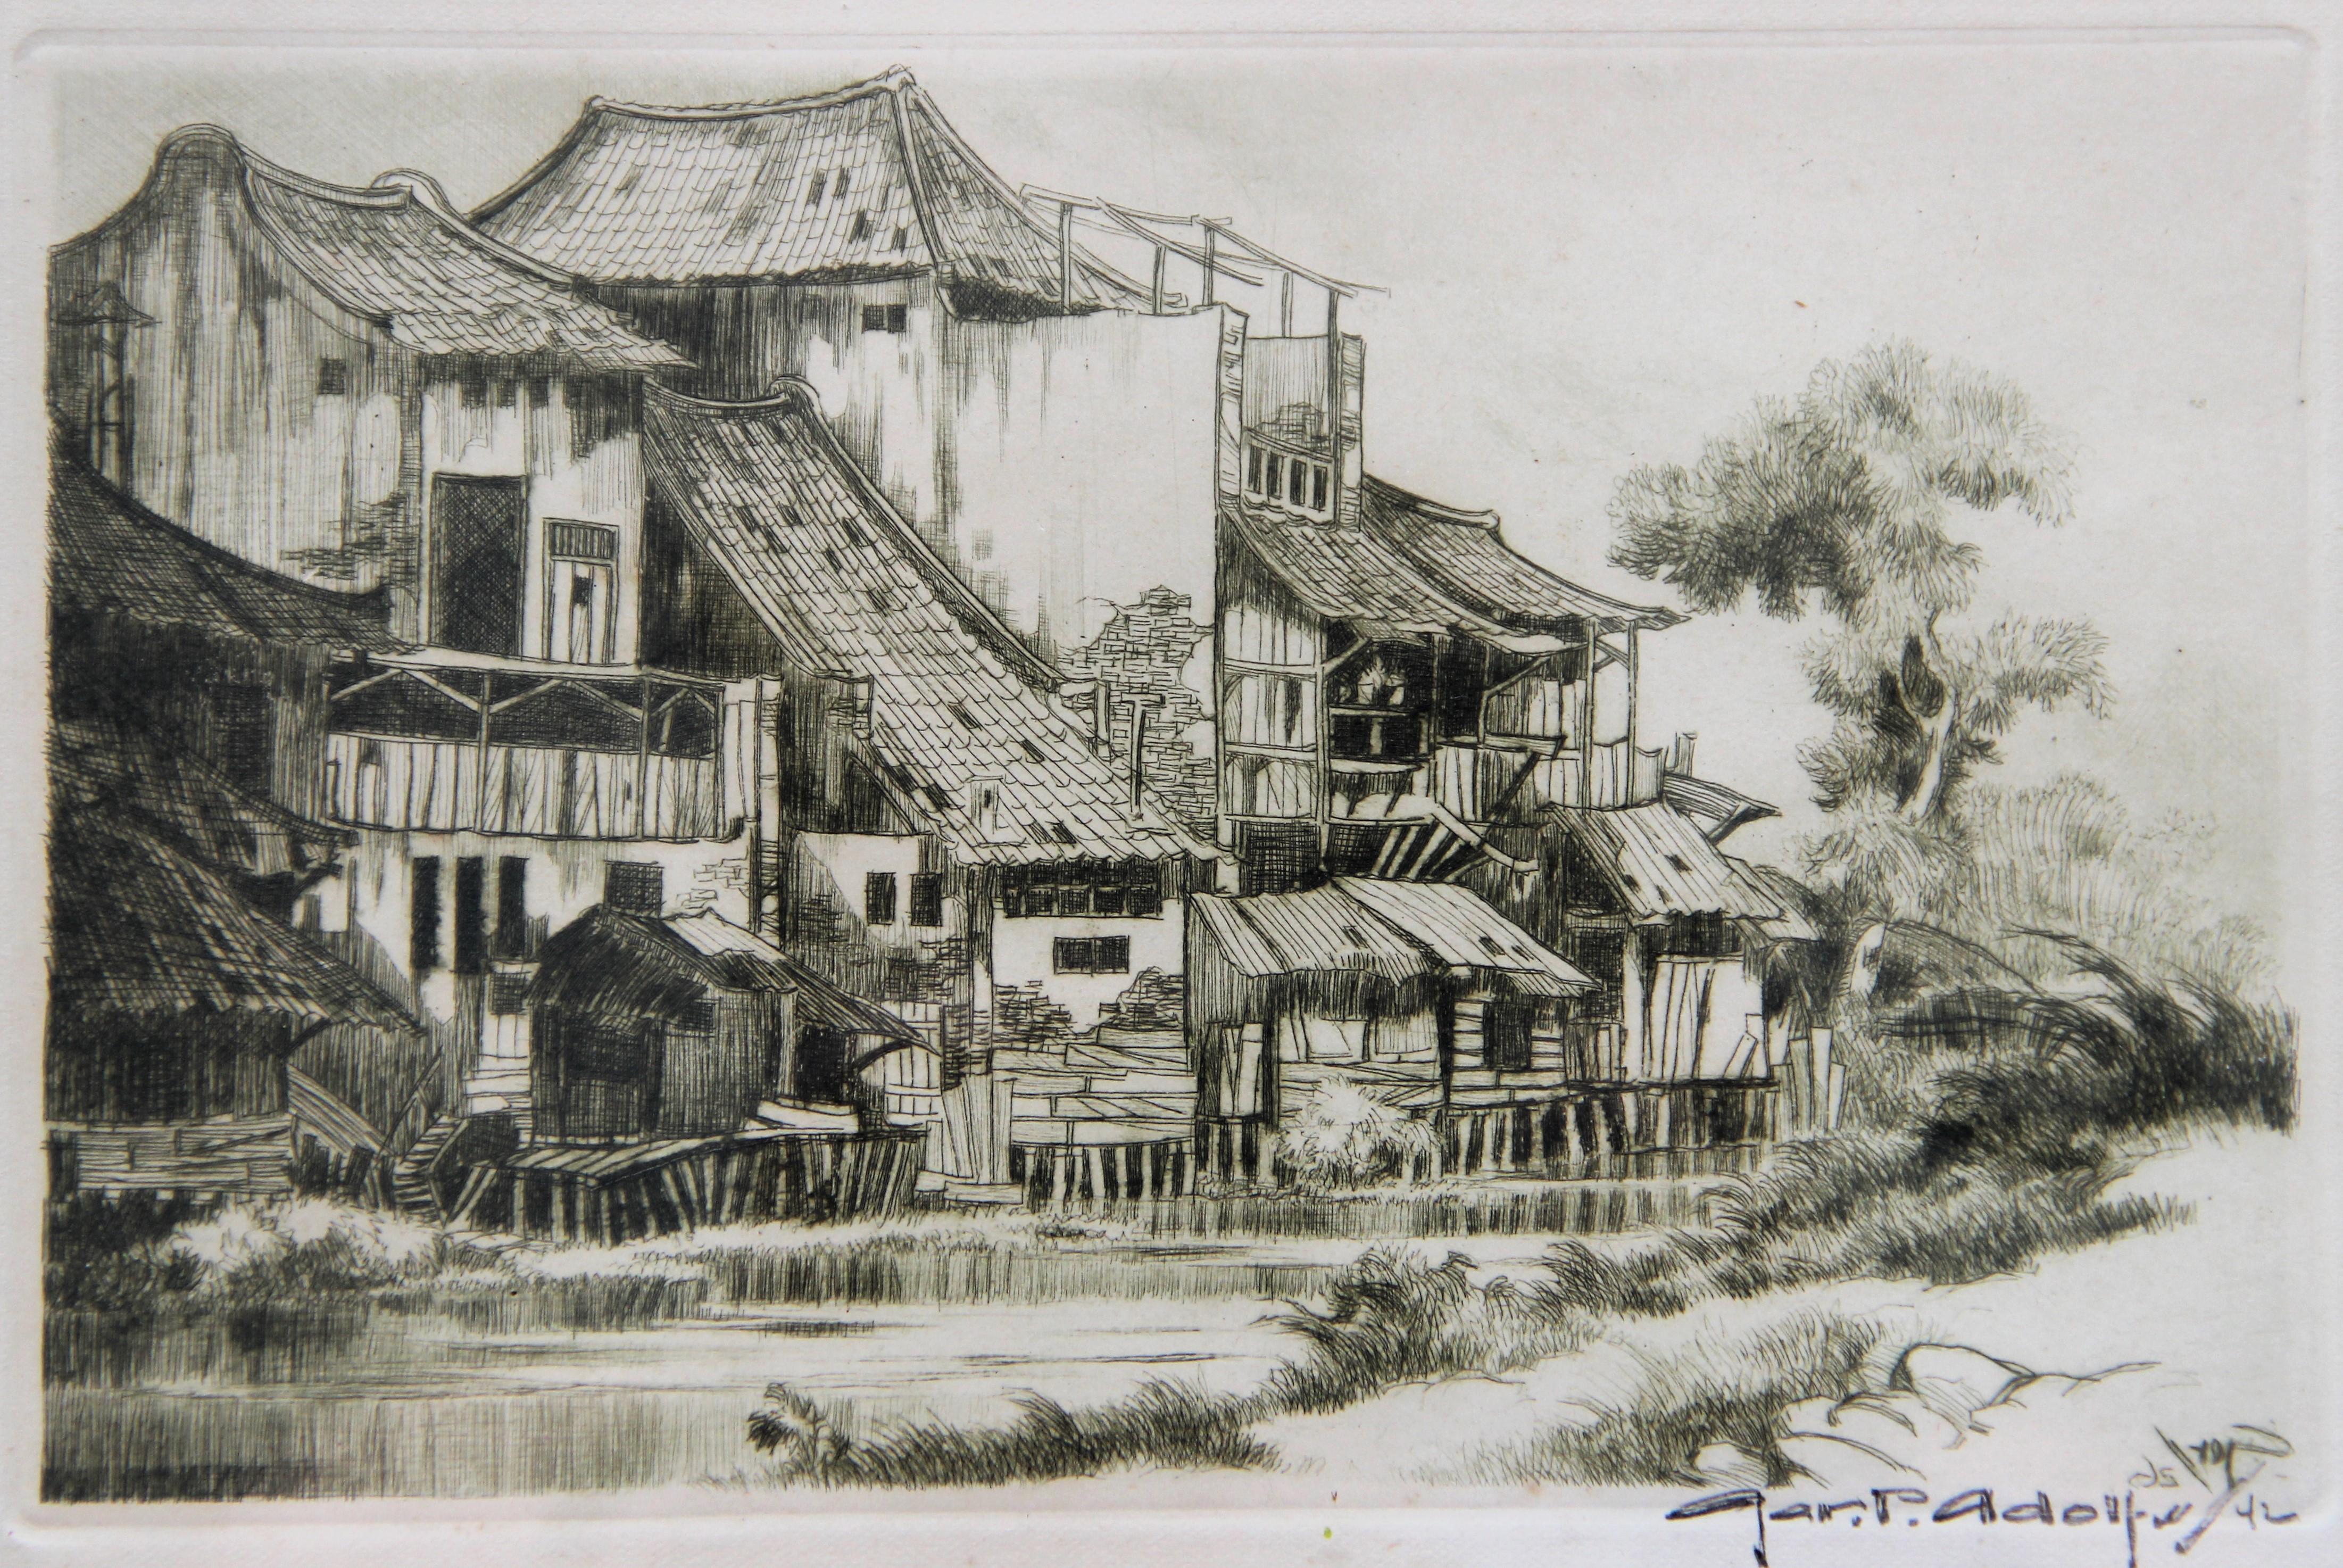 Huizen aan de Kali- Gerard Pieter Adolfs